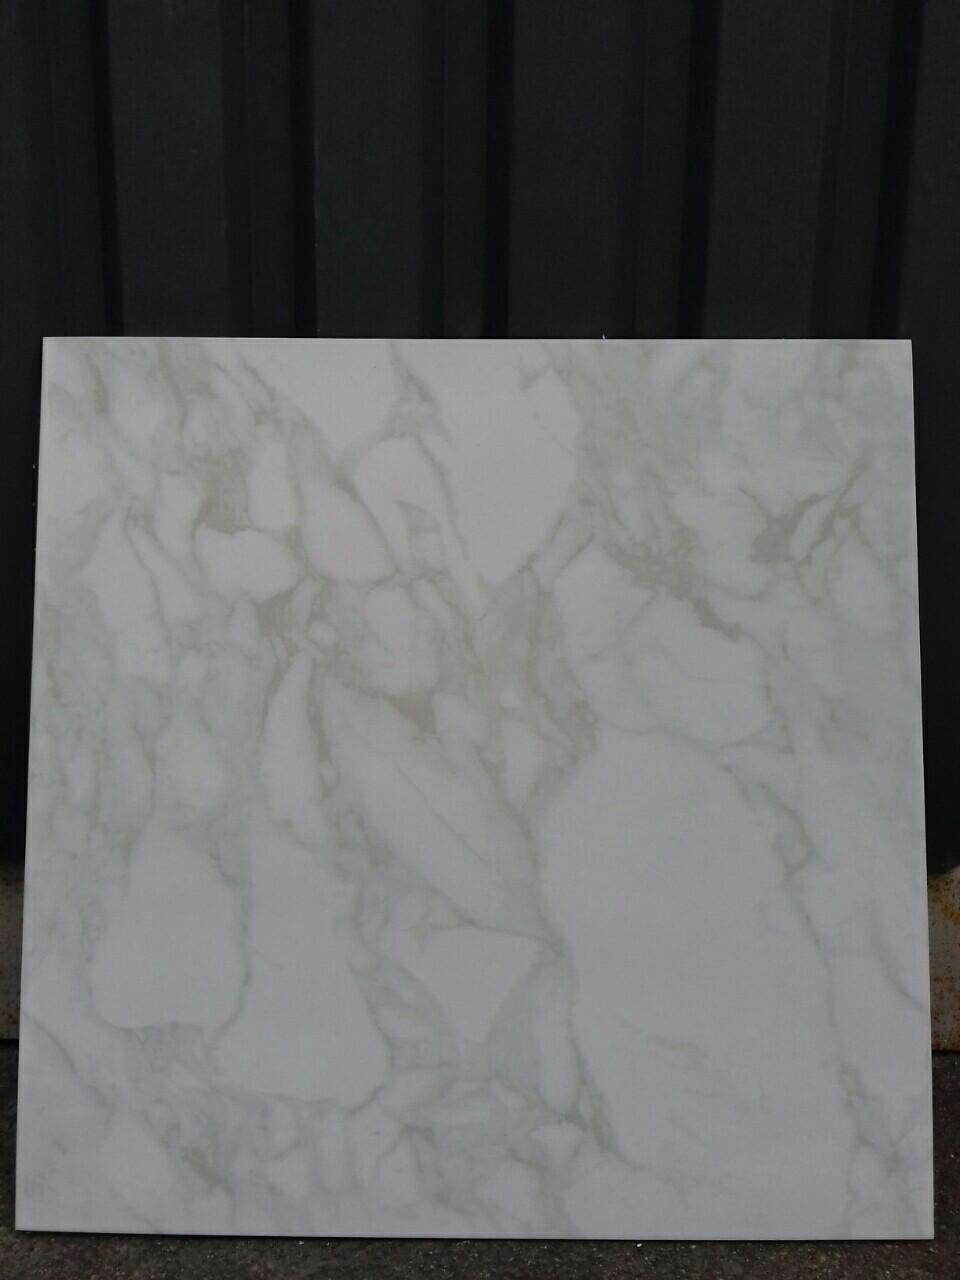 b8d75cbddd Плитка керамогранит моноколор Sudan GR 600 600 мм - Эконом Керамик — Вдвое  Дешевле.